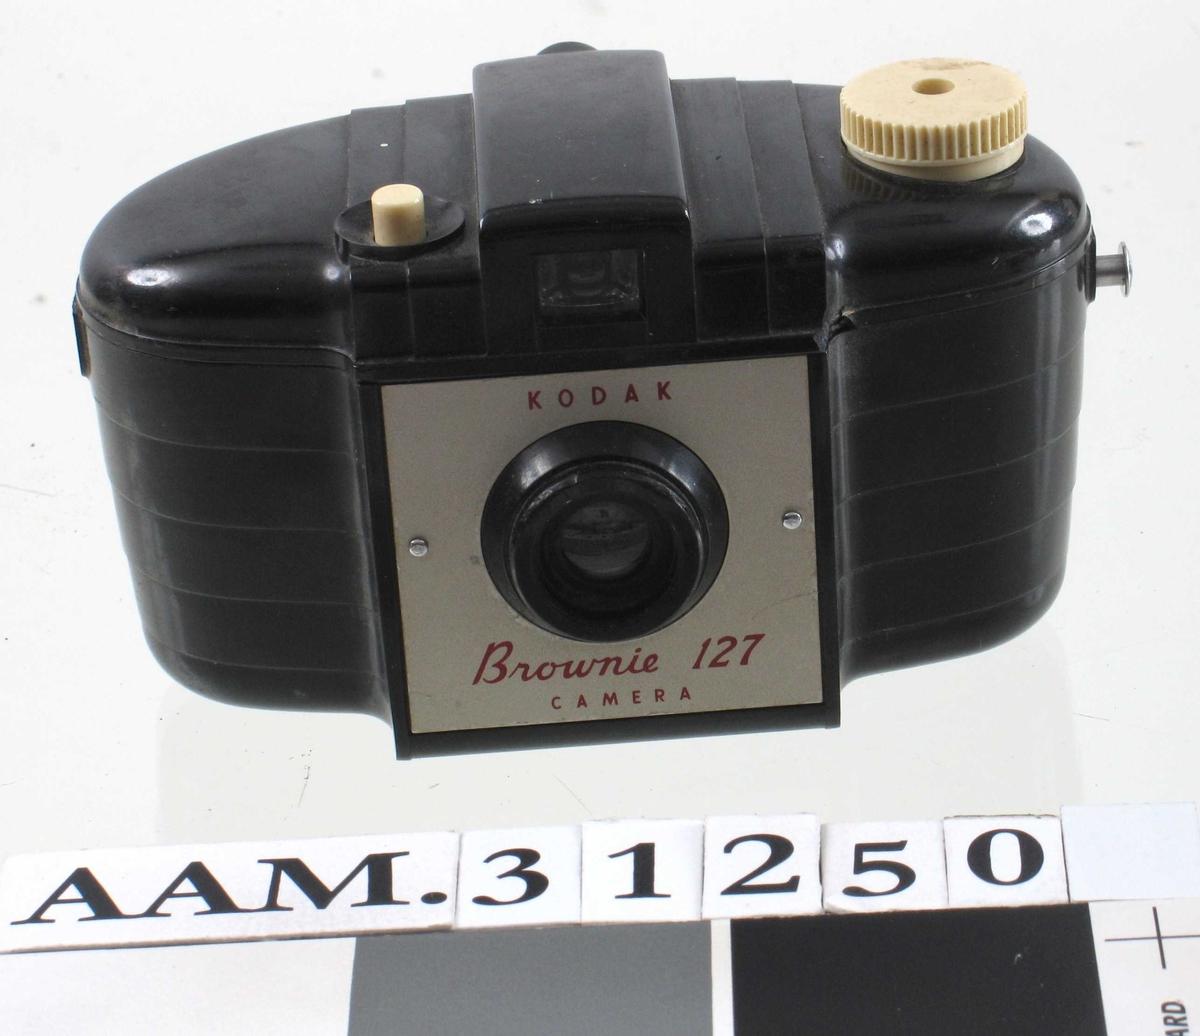 Fotoapparat, Kodak Brownie 127